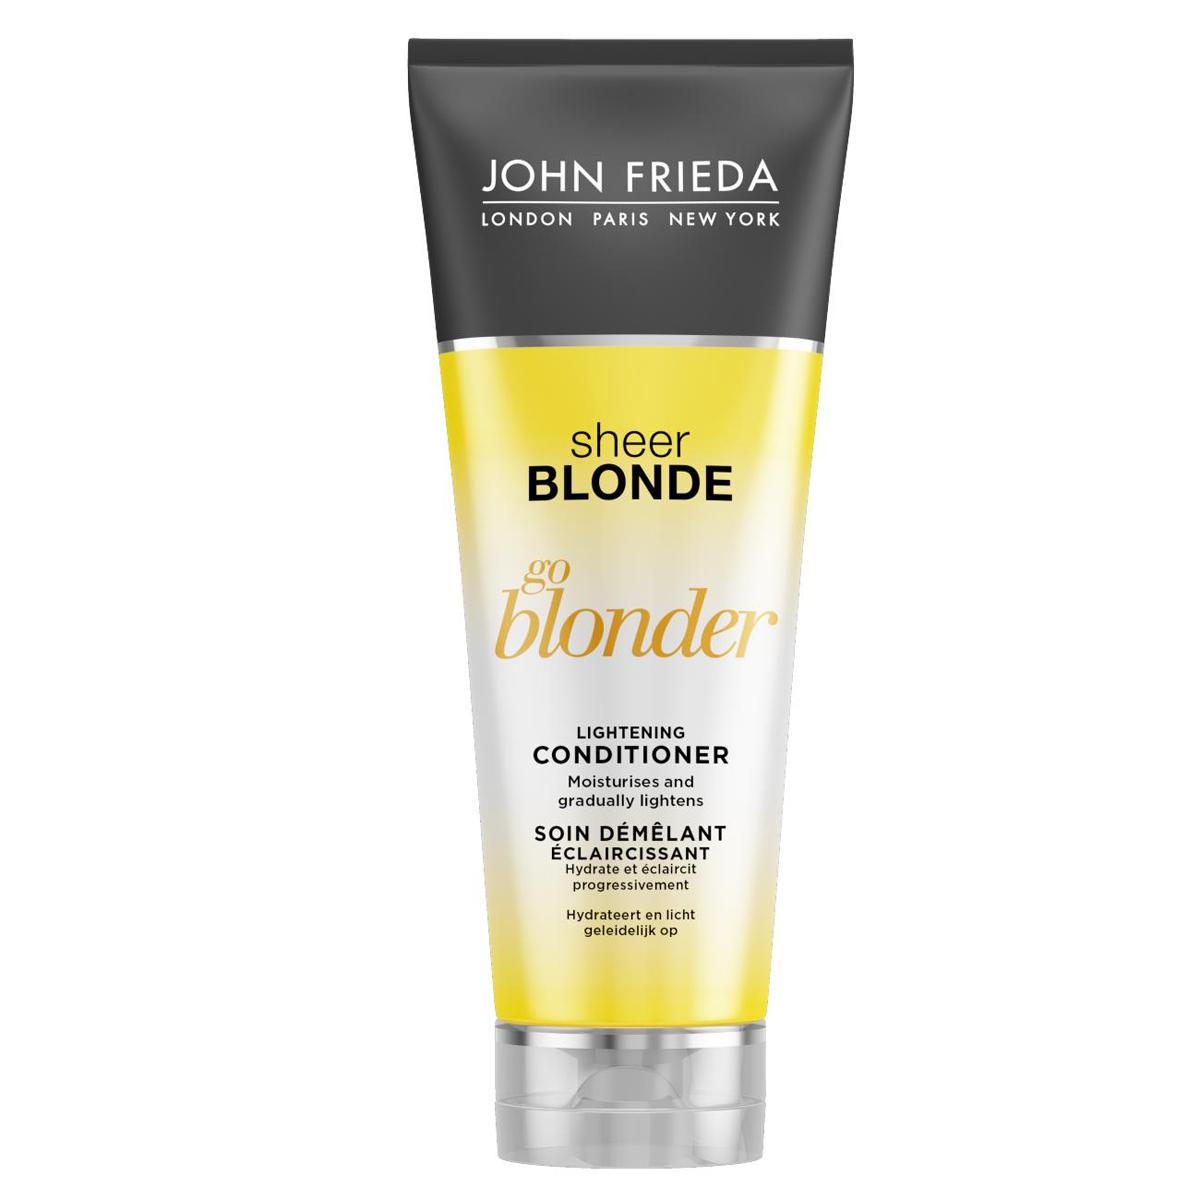 John Frieda Кондиционер осветляющий для натуральных, мелированных и окрашенных светлых волос, 250 млjf211220Увлажняет и постепенно создает эффект осветления. Увлажняет волосы, они становятся заметно светлее и ярче, усиливается естественный блеск светлых волос. Осветляющий кондиционер Go Blonder с цитрусом и ромашкой восстанавливает и увлажняет волосы, придает им мягкость и здоровый вид. Применение: Начните уход с использования шампуня Go Blonder, далее нанесите кондиционер на влажные волосы от корней до самых кончиков и затем тщательно смойте. Используйте ежедневного для достижения желаемого результата.